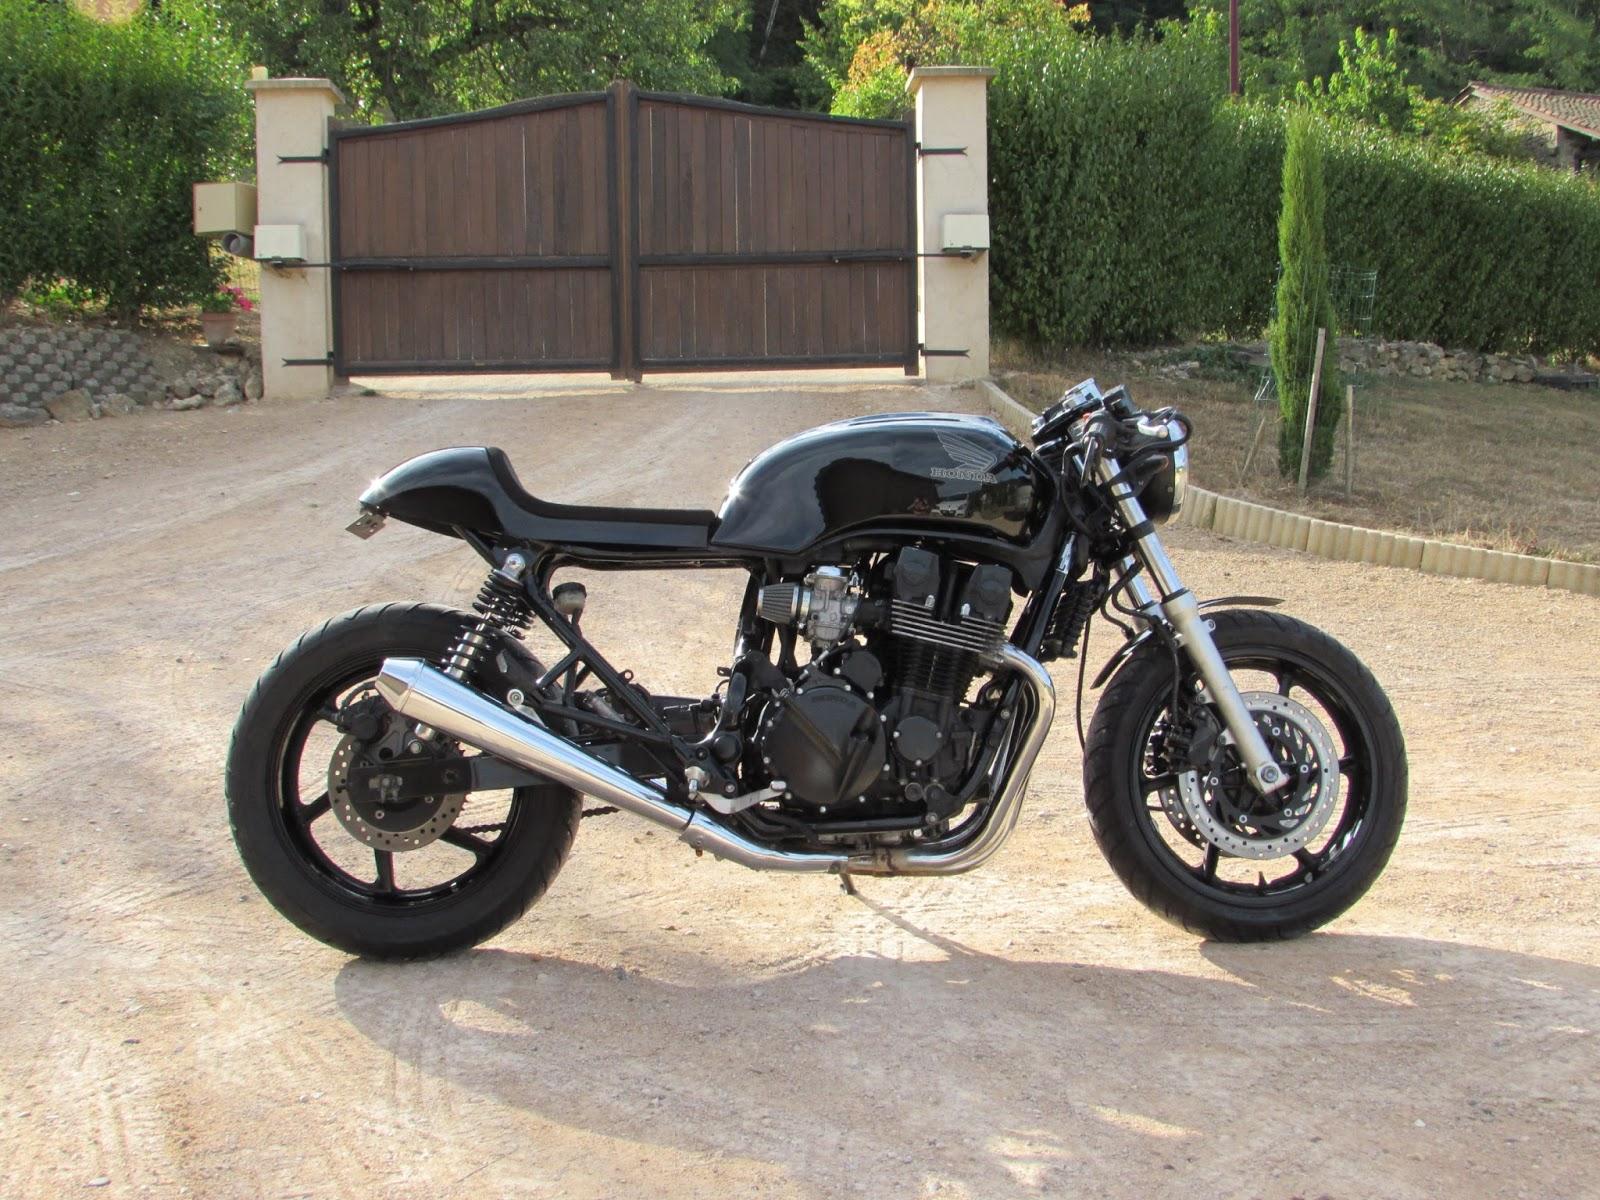 jrf customs moto black cafe racer cb 750 seven fifty. Black Bedroom Furniture Sets. Home Design Ideas